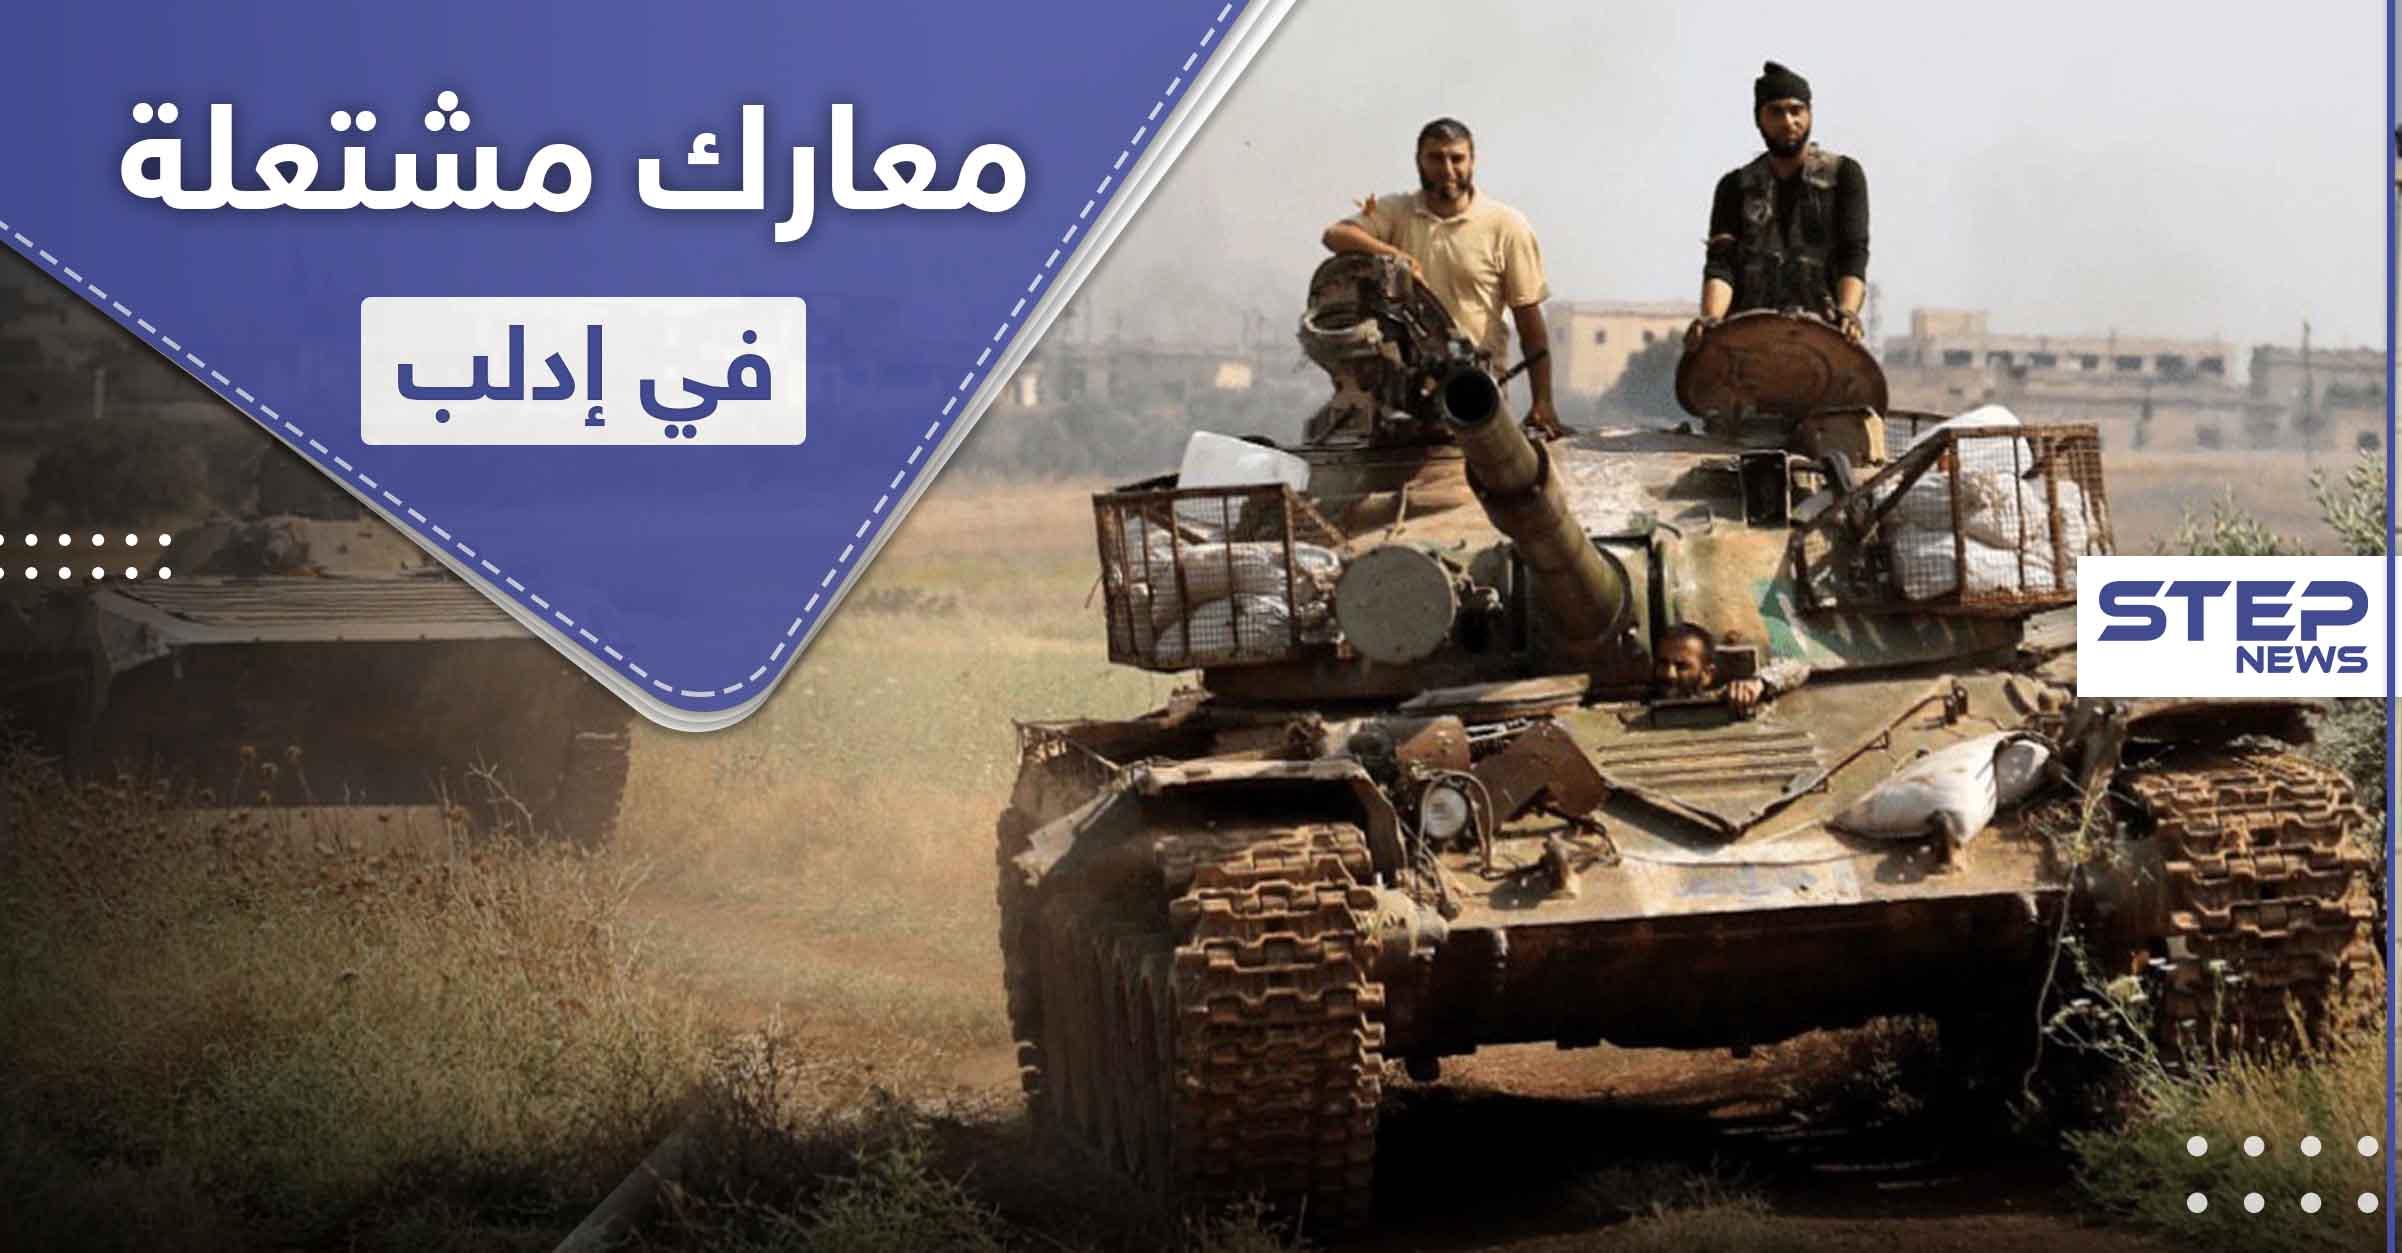 إدلب تستفيق على معارك مشتعلة.. قصف مدفعي بين تركيا والنظام السوري ومُسيّرات إيرانية روسية